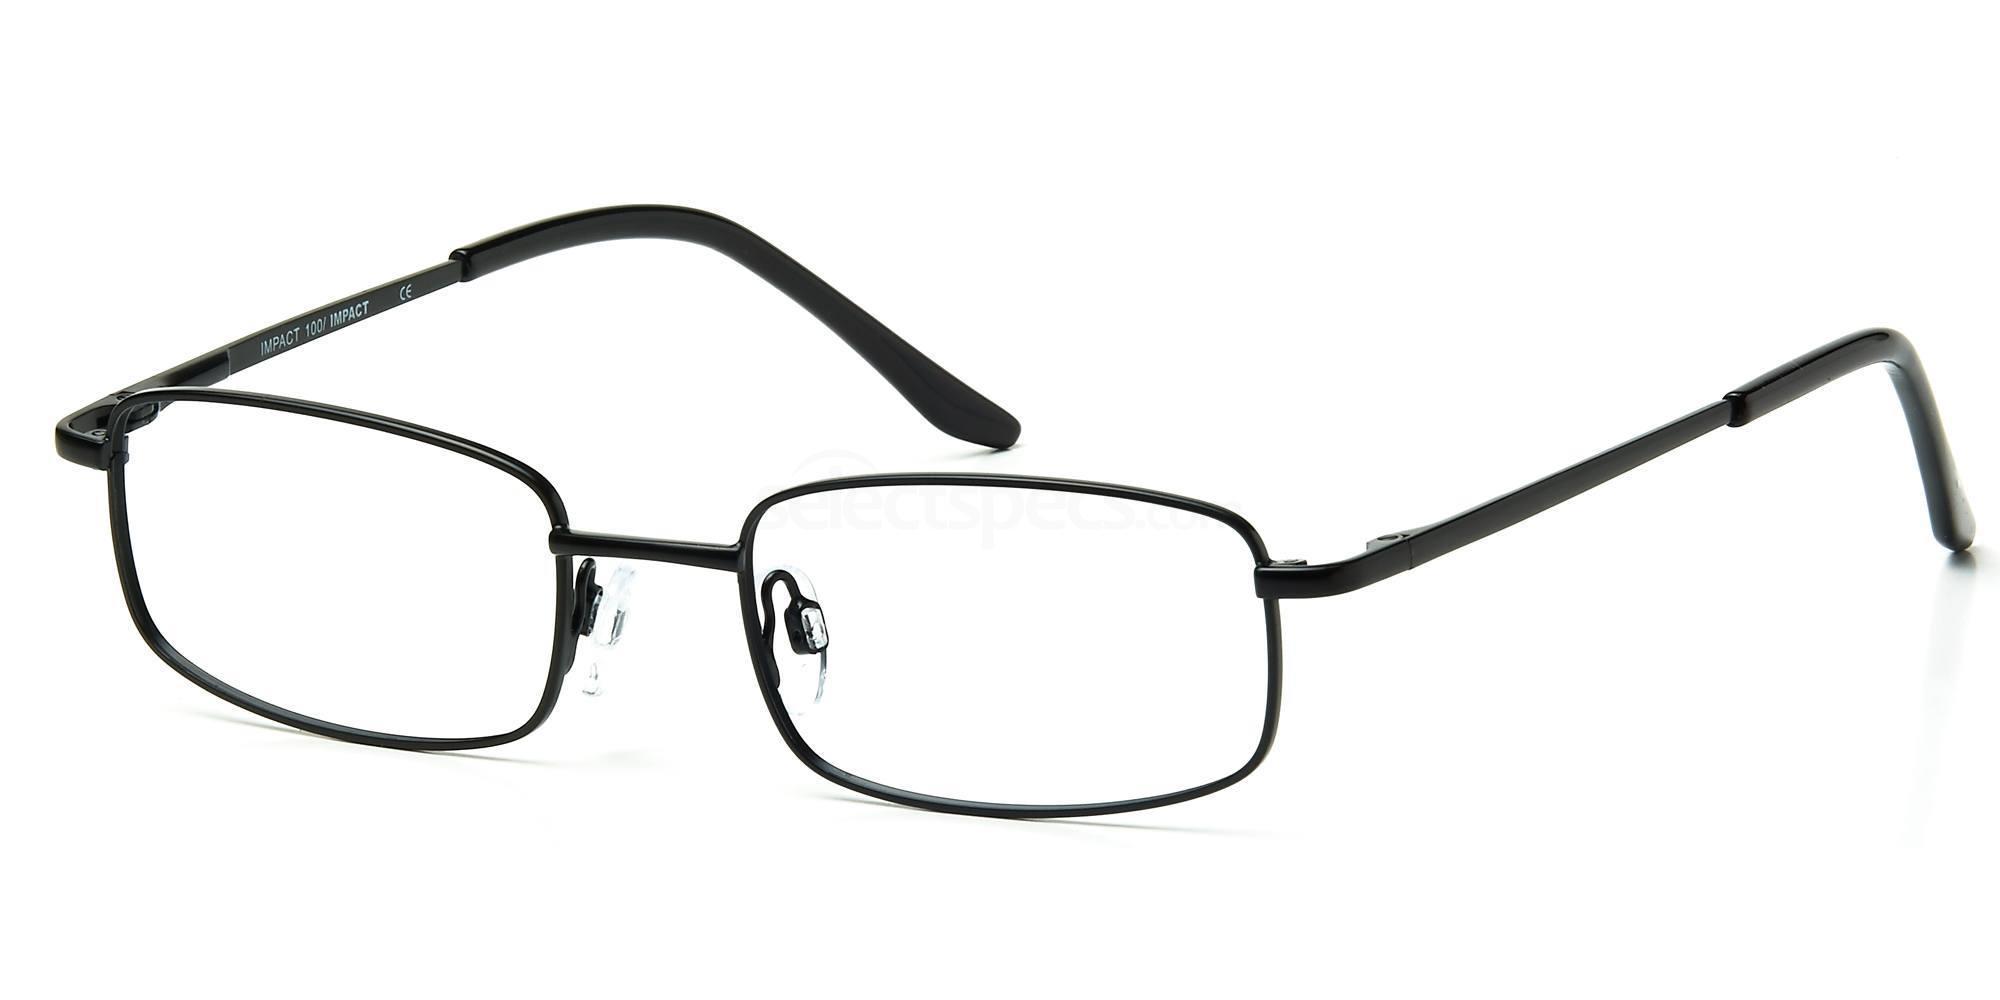 C1 IMPACT100 Glasses, Impact